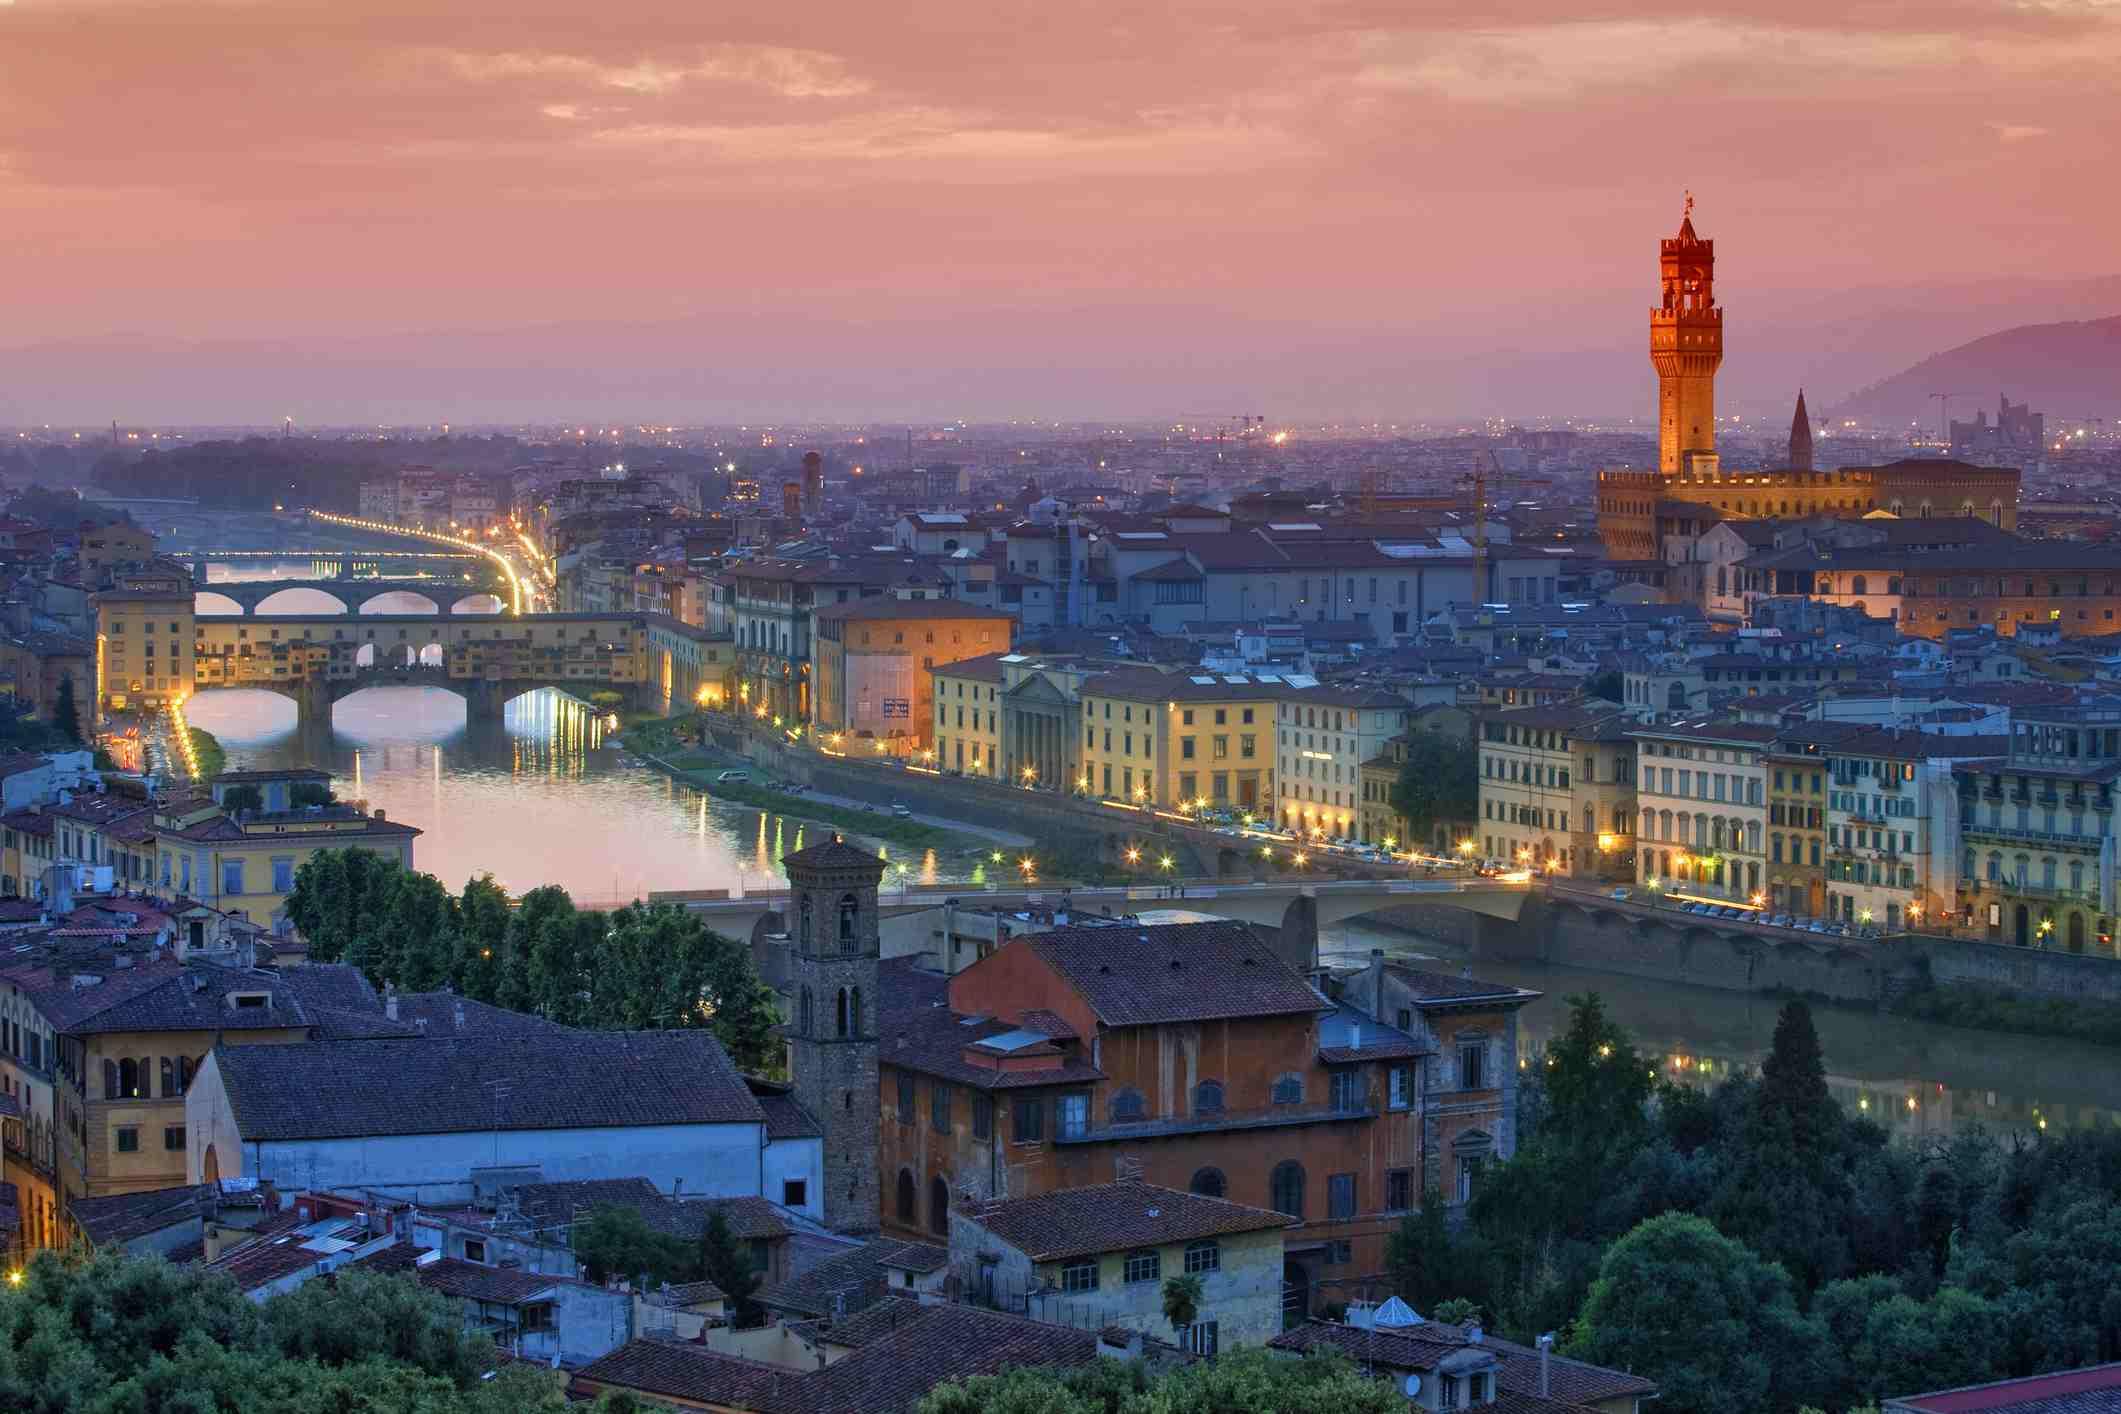 Descripción de Florencia de noche